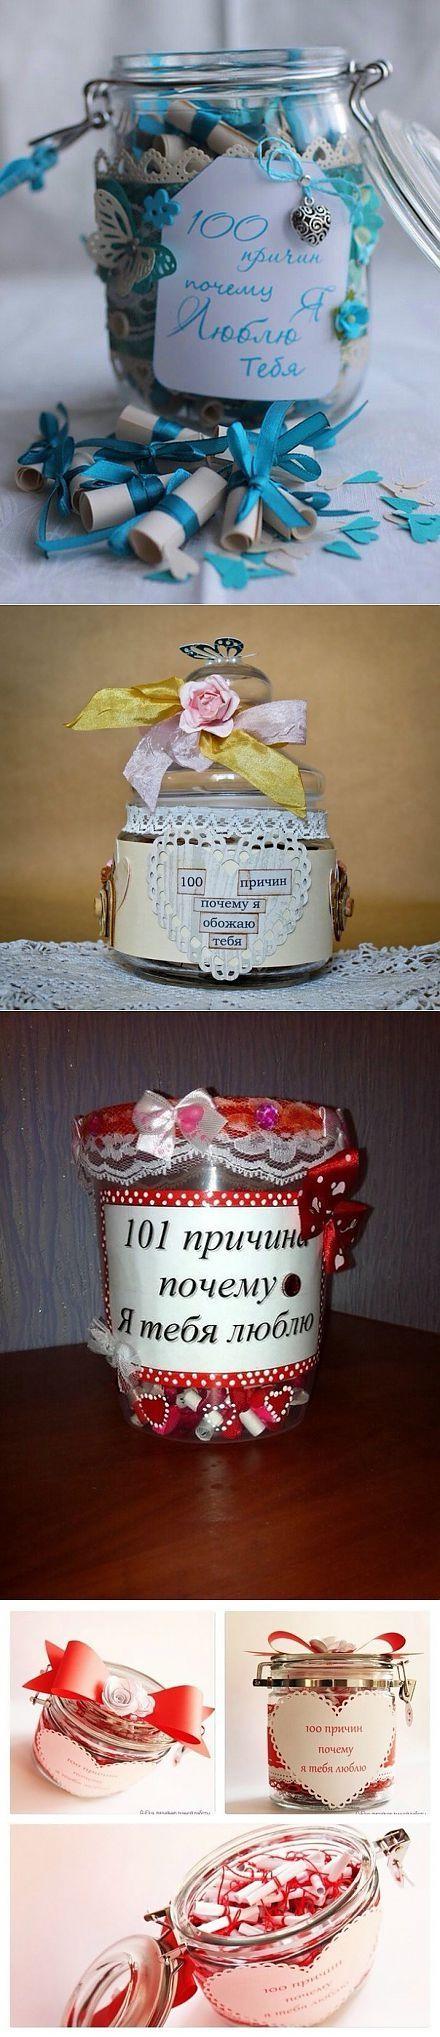 Креативный и оригинальный подарок ко Дню Святого Валентина.